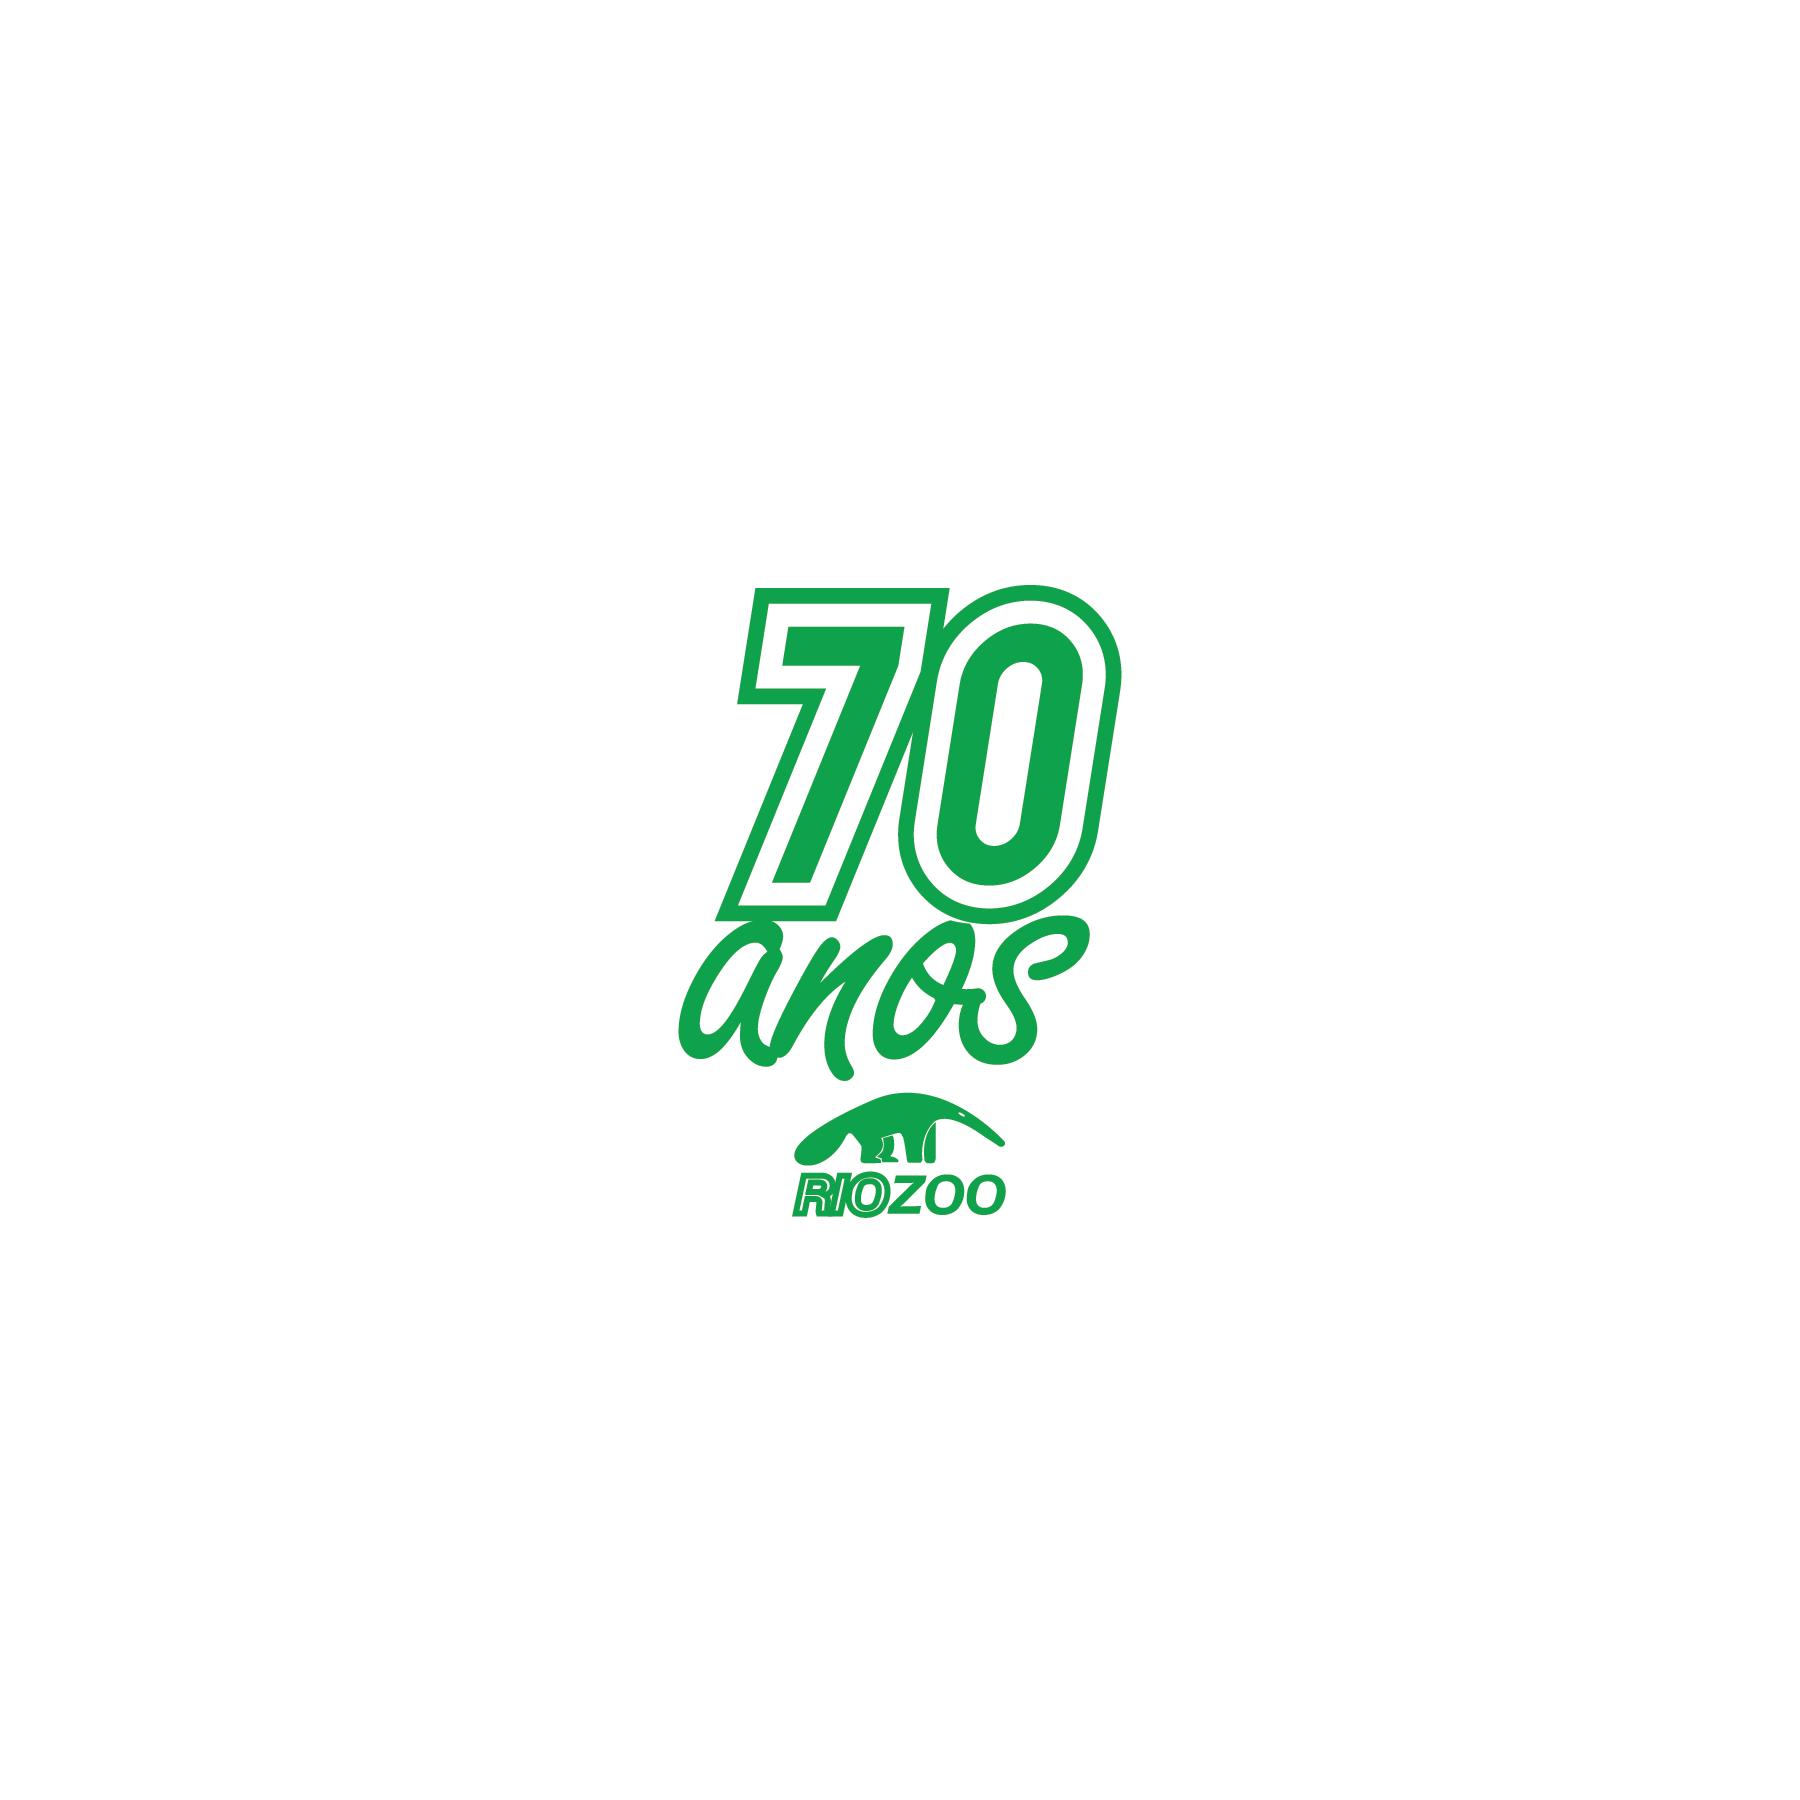 70 ANOS RIO ZOO